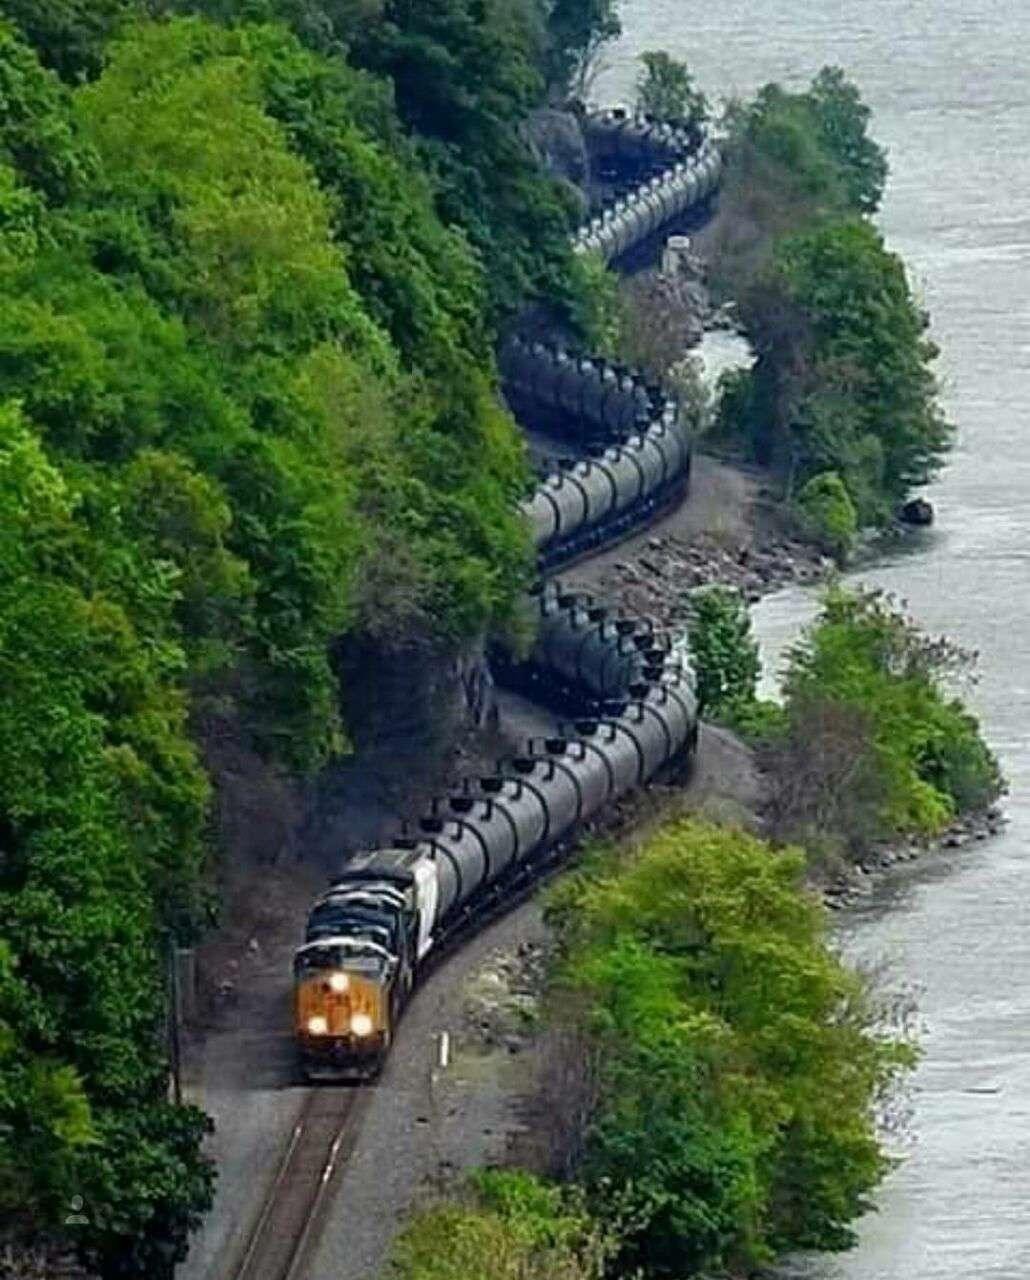 پیچ و خم کم نظیر ریل قطار که در نوع خود جالب است